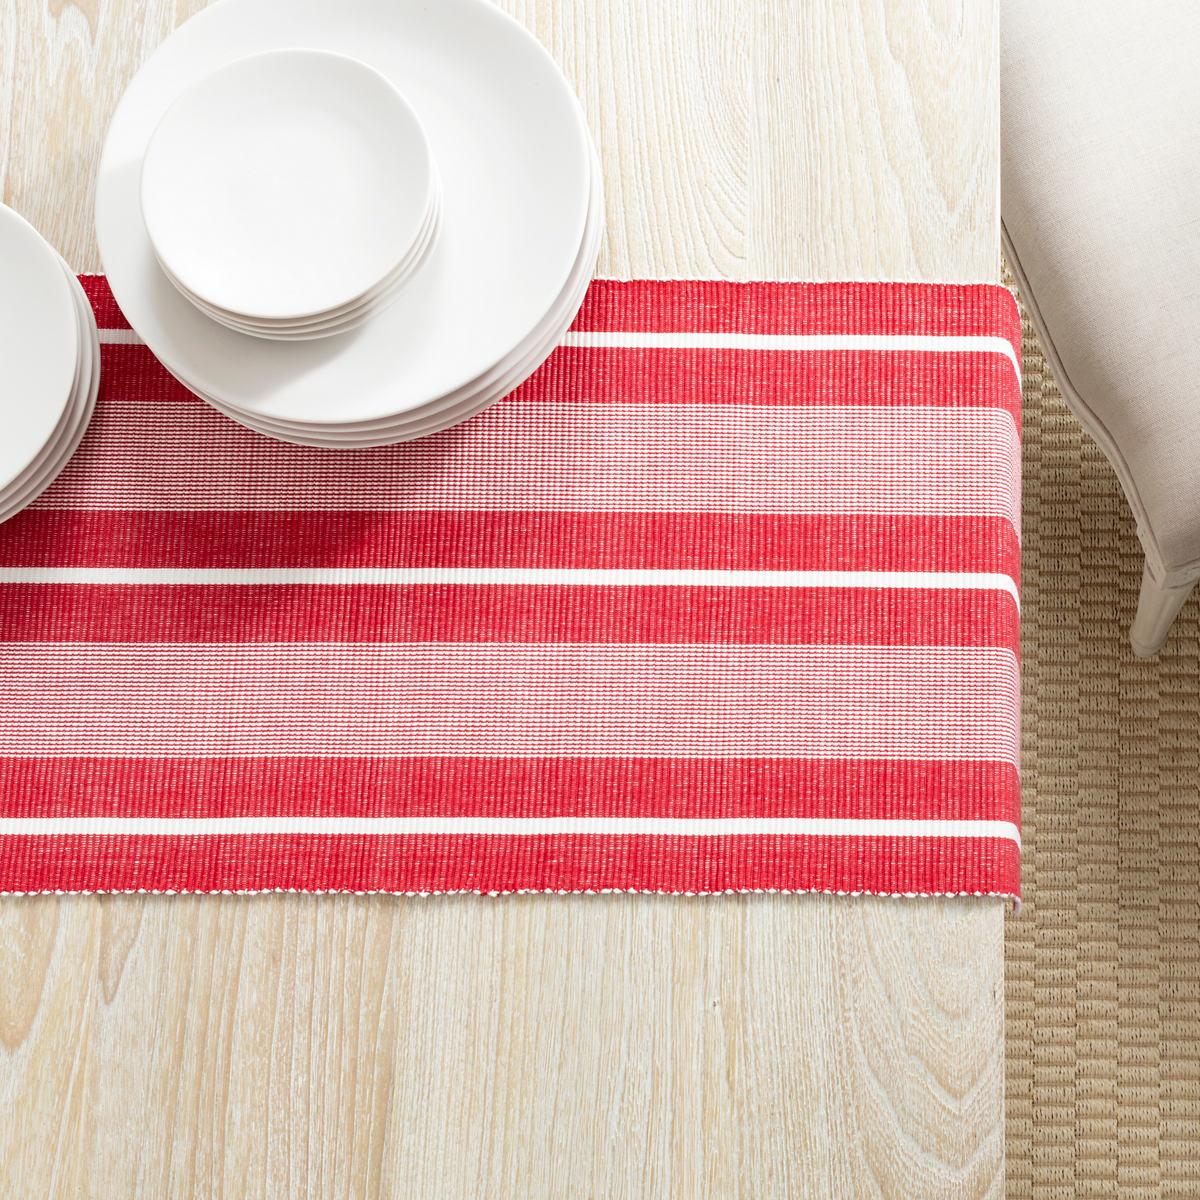 Berkeley Stripe Red Table Runner